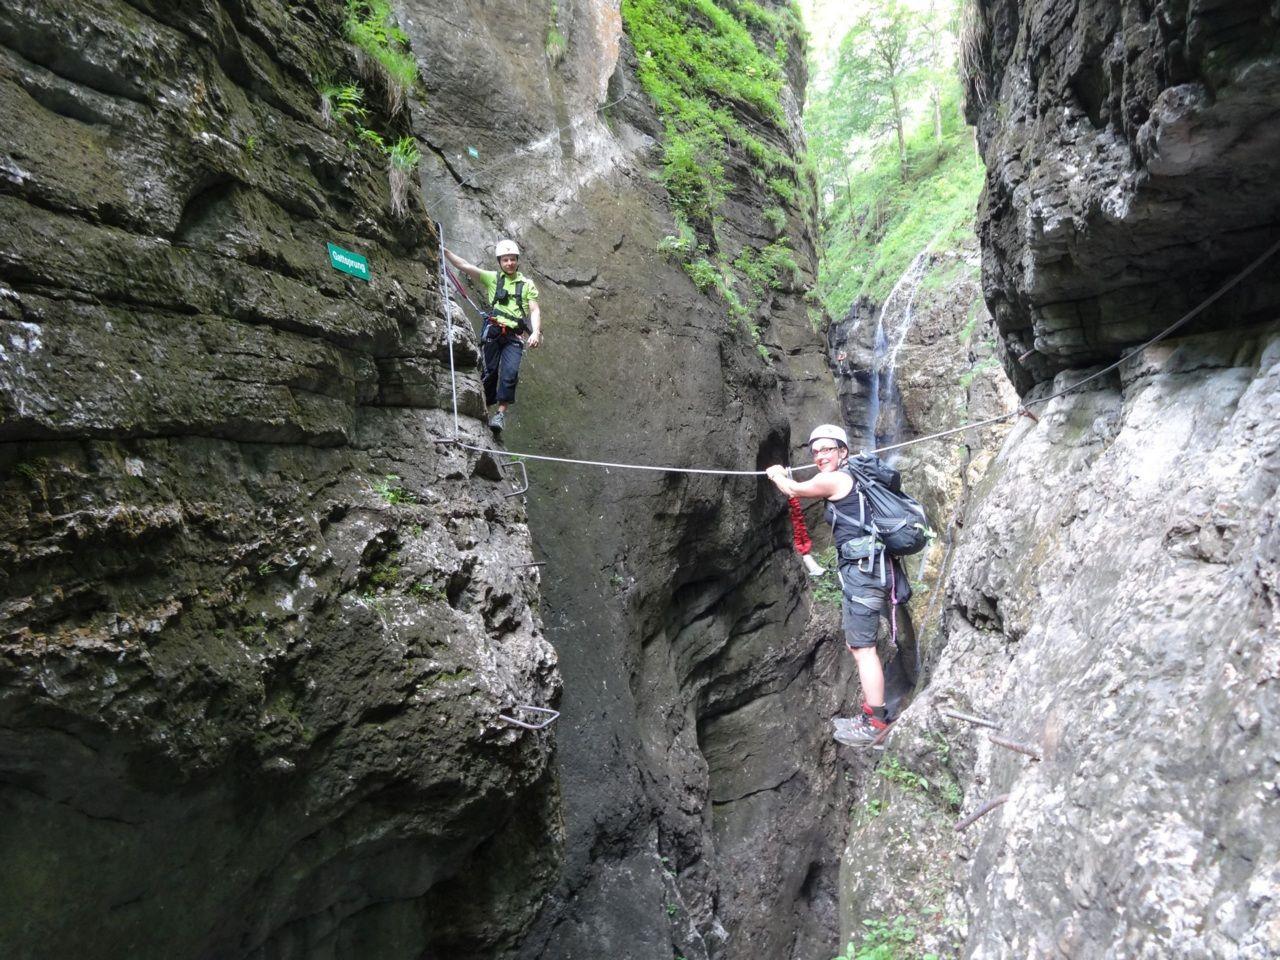 Klettersteig Postalm : Klettersteig postalm u c d vari f sport sattlecker